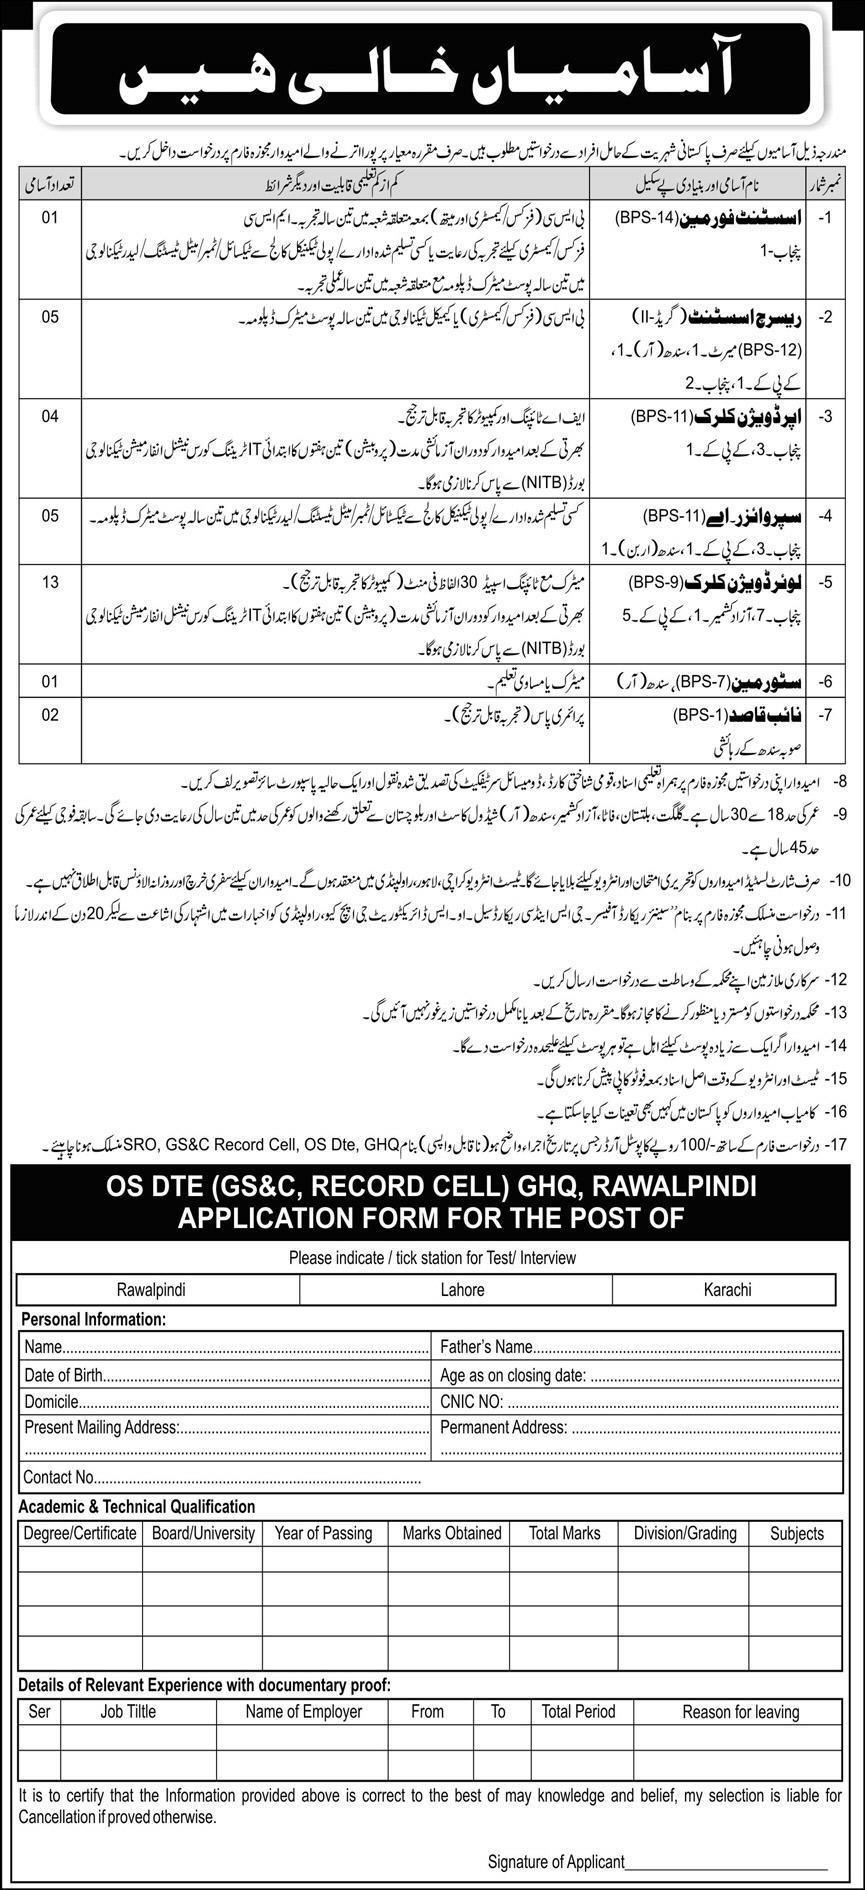 GHQ Jobs General Headquarter GHQ Rawalpindi Join Pak Army Latest Jobs 2021 - Pak Army Jobs 2021 for Download Form